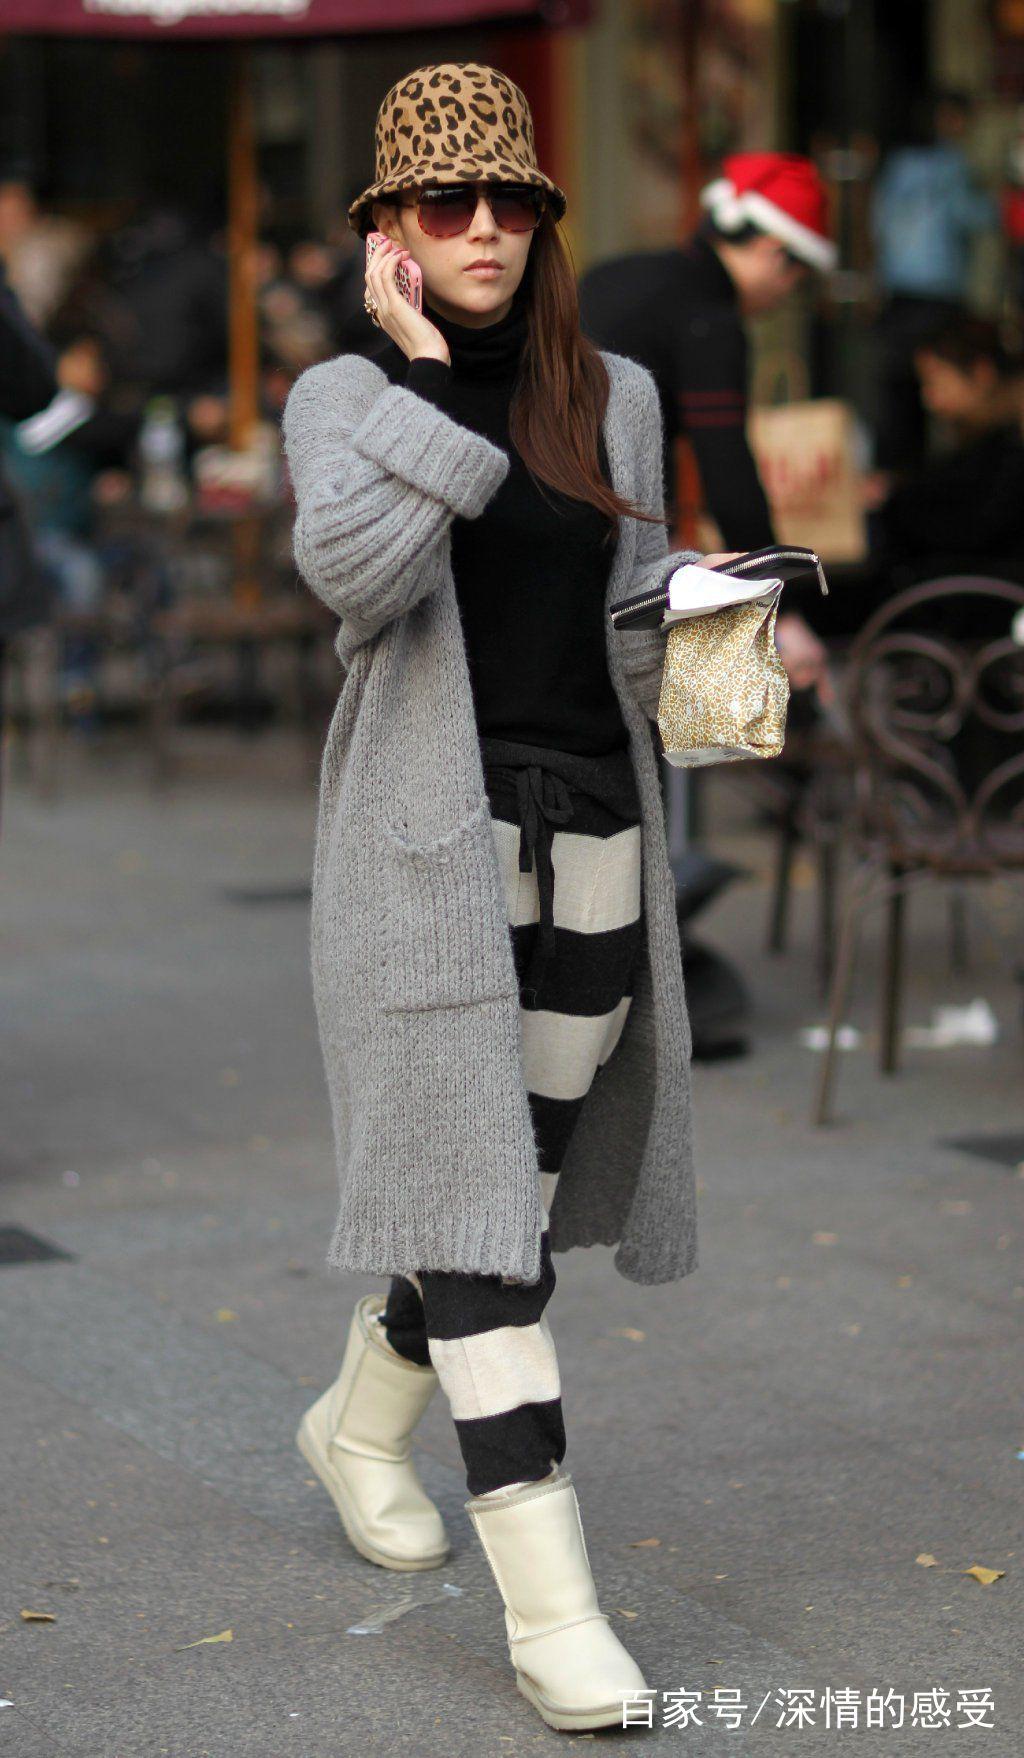 街拍:街上美女穿搭时尚,舒适简单不失个性,网友:太会